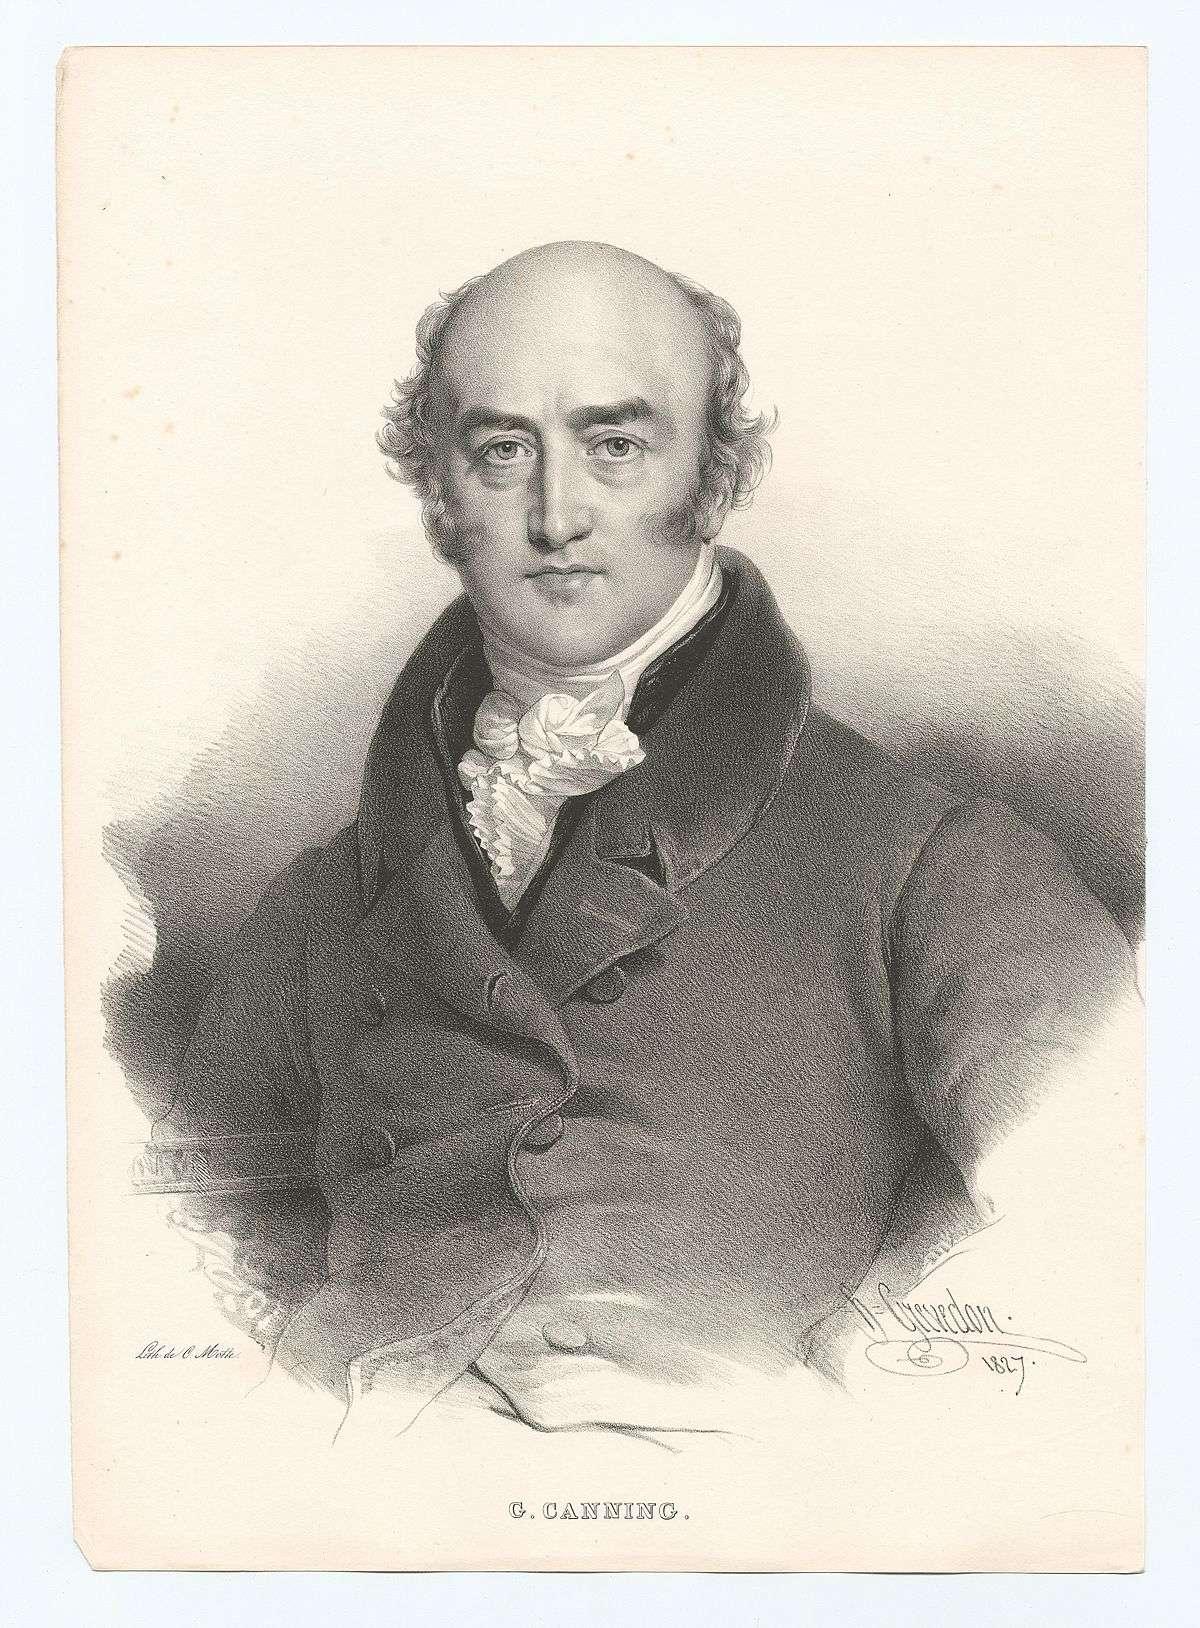 Ο Τζωρτζ Κάνινγκ (Georges Canning, 11 Απριλίου 1770 - 8 Αυγούστου 1827) ήταν Άγγλος πολιτικός που διετέλεσε Υπουργός Εξωτερικών της Μεγάλης Βρετανίας και πρωθυπουργός κατά την περίοδο 10 Απριλίου-8 Αυγούστου του 1827.